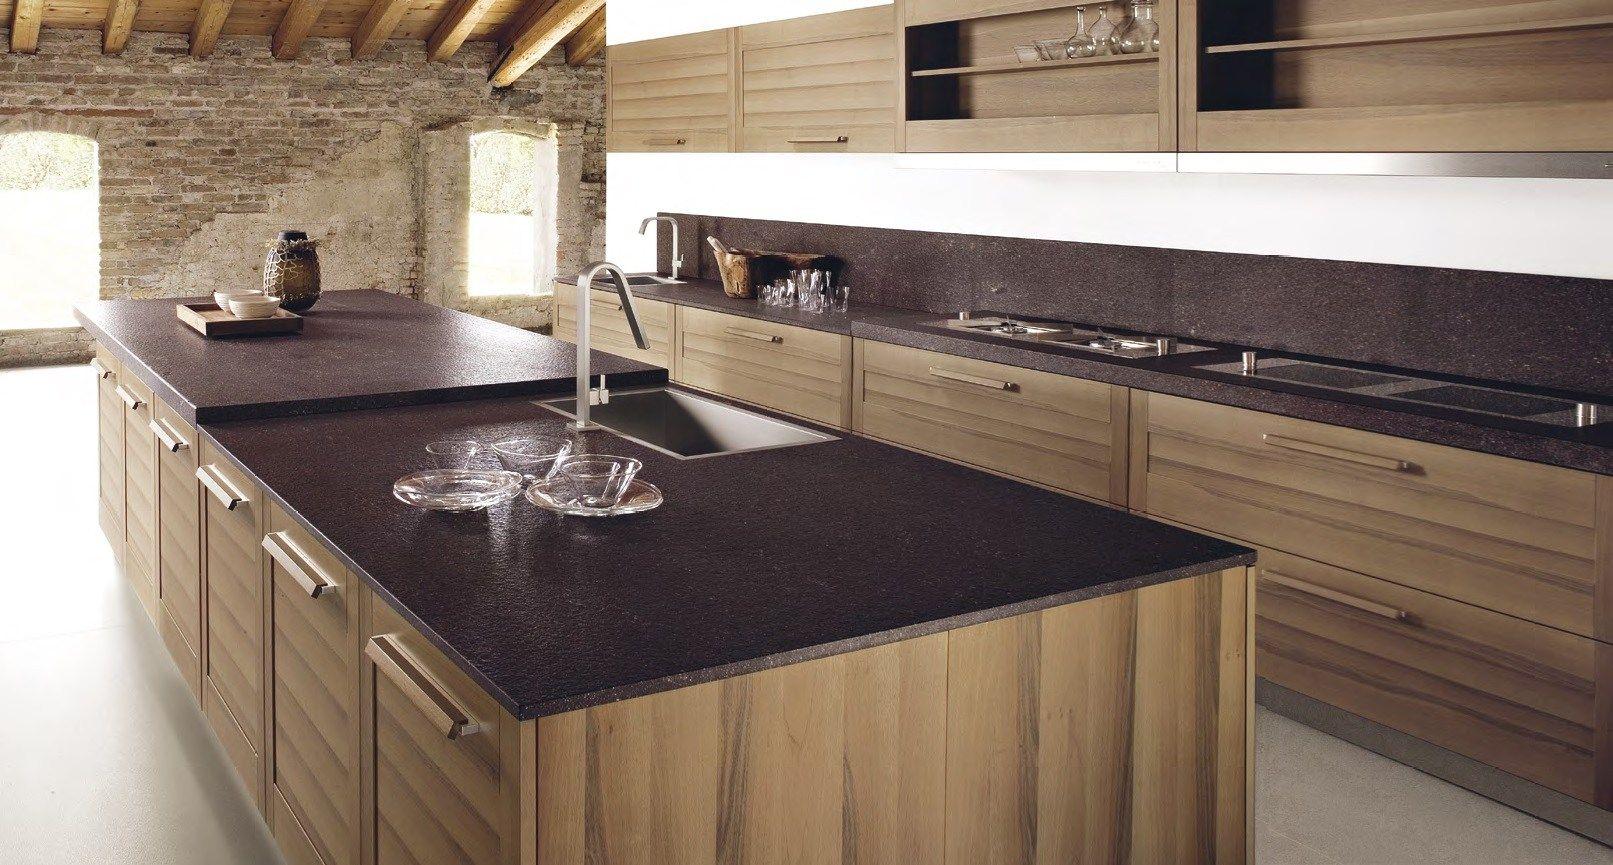 Cuisine design bois massif cuisine pinterest bois - Cuisine en bois design ...